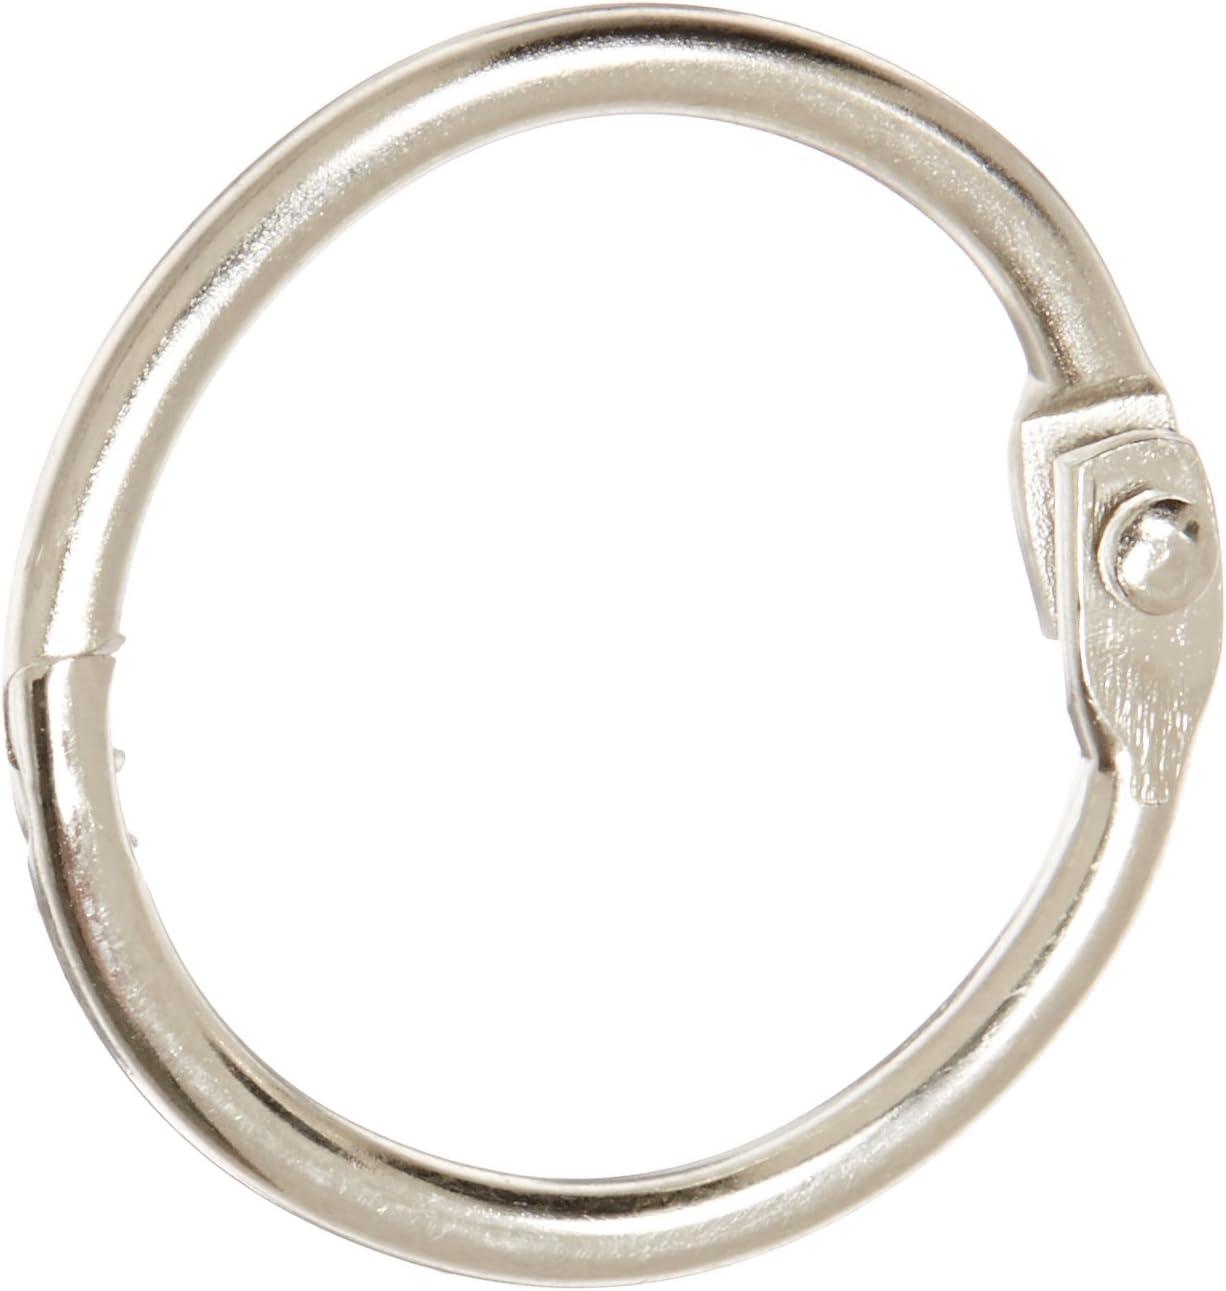 School Smart Nickel Plated Steel Loose Leaf Ring, 1 Inch, Pack of 100 - 36975